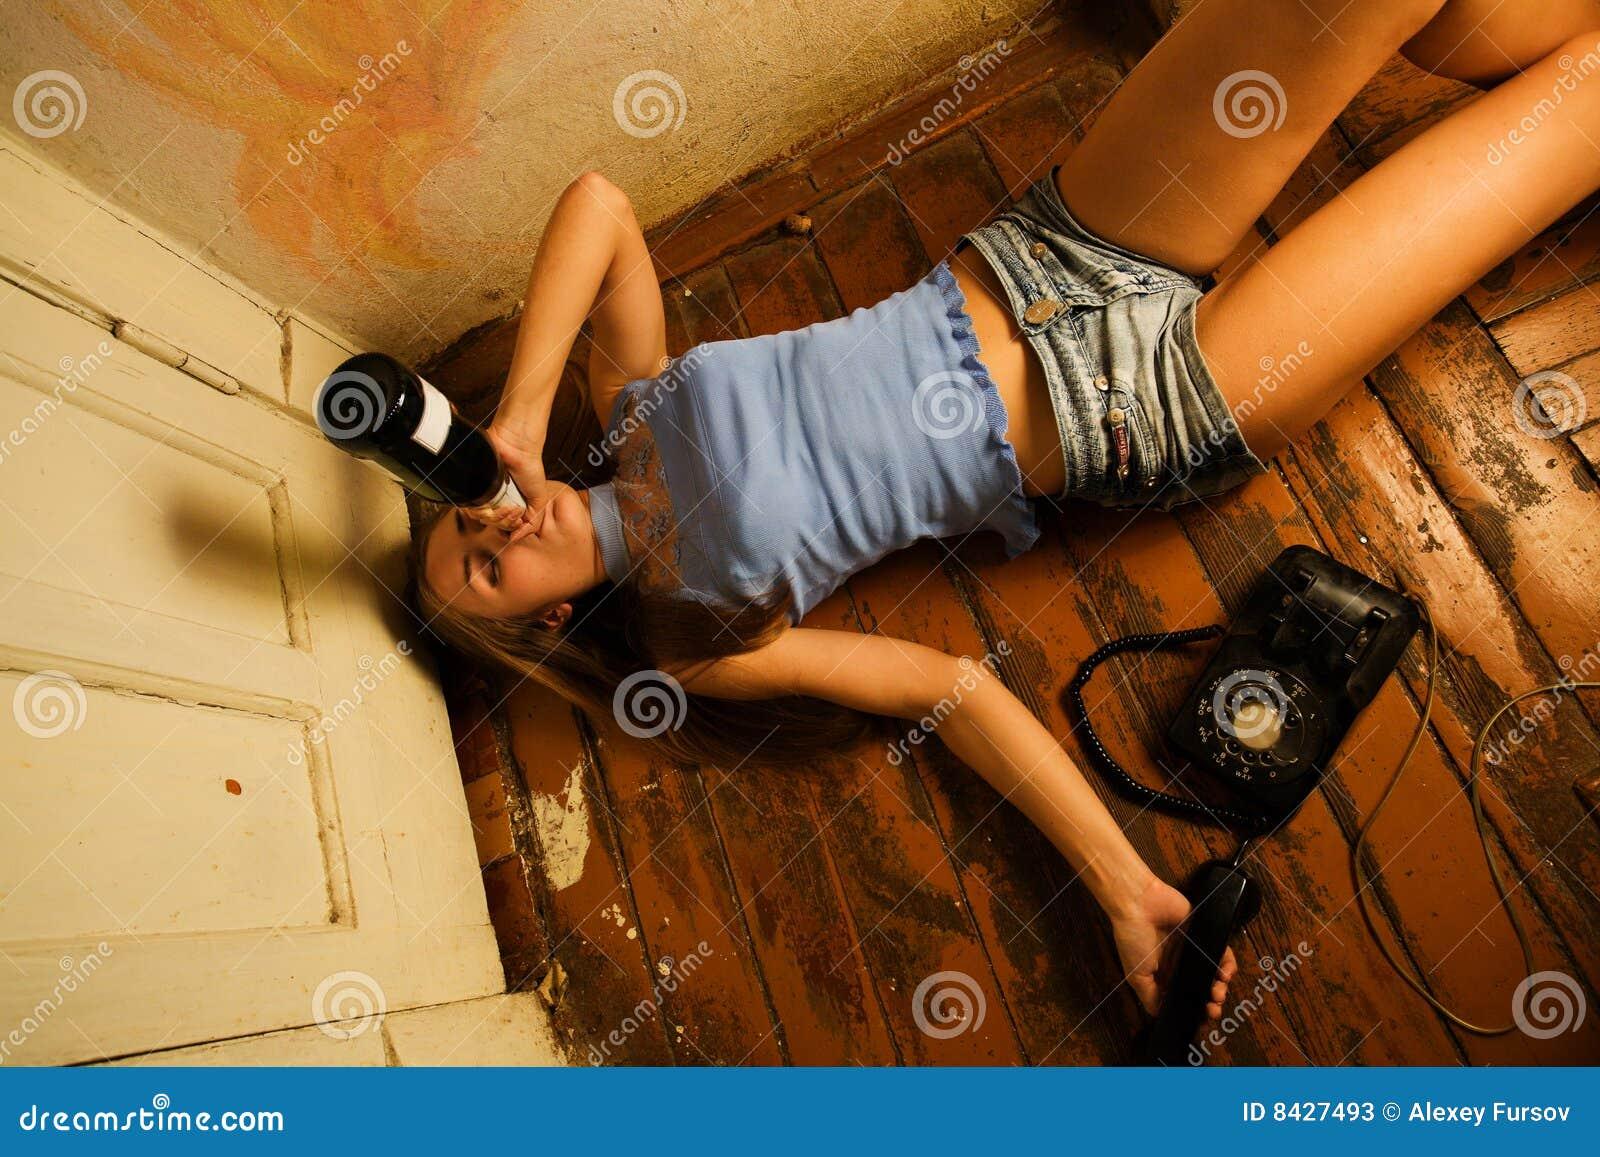 Пьяная женщина лежит 22 фотография